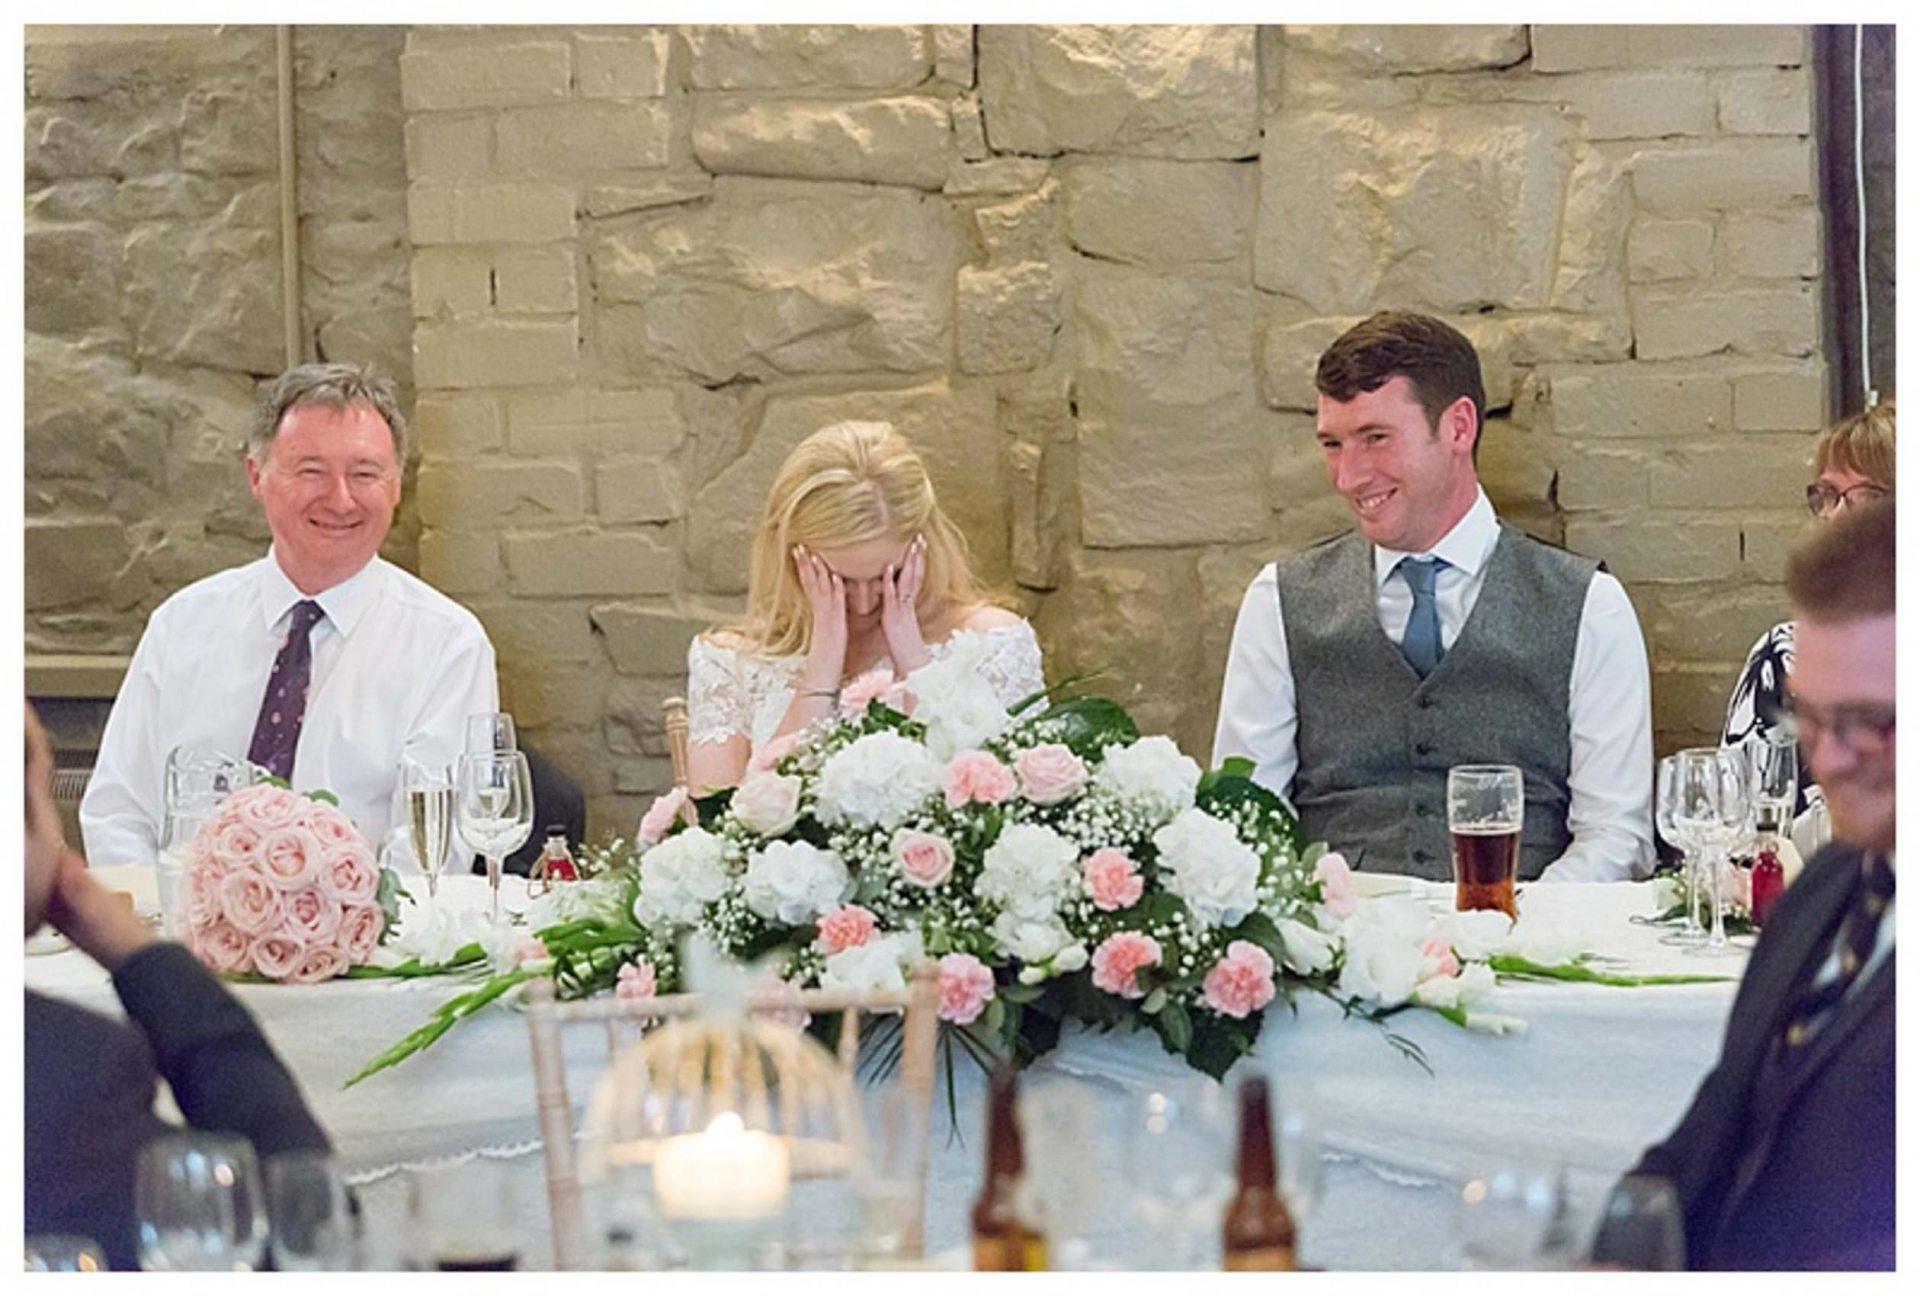 Larchfield Estate Wedding Photography by Ricky Parker Photography-73